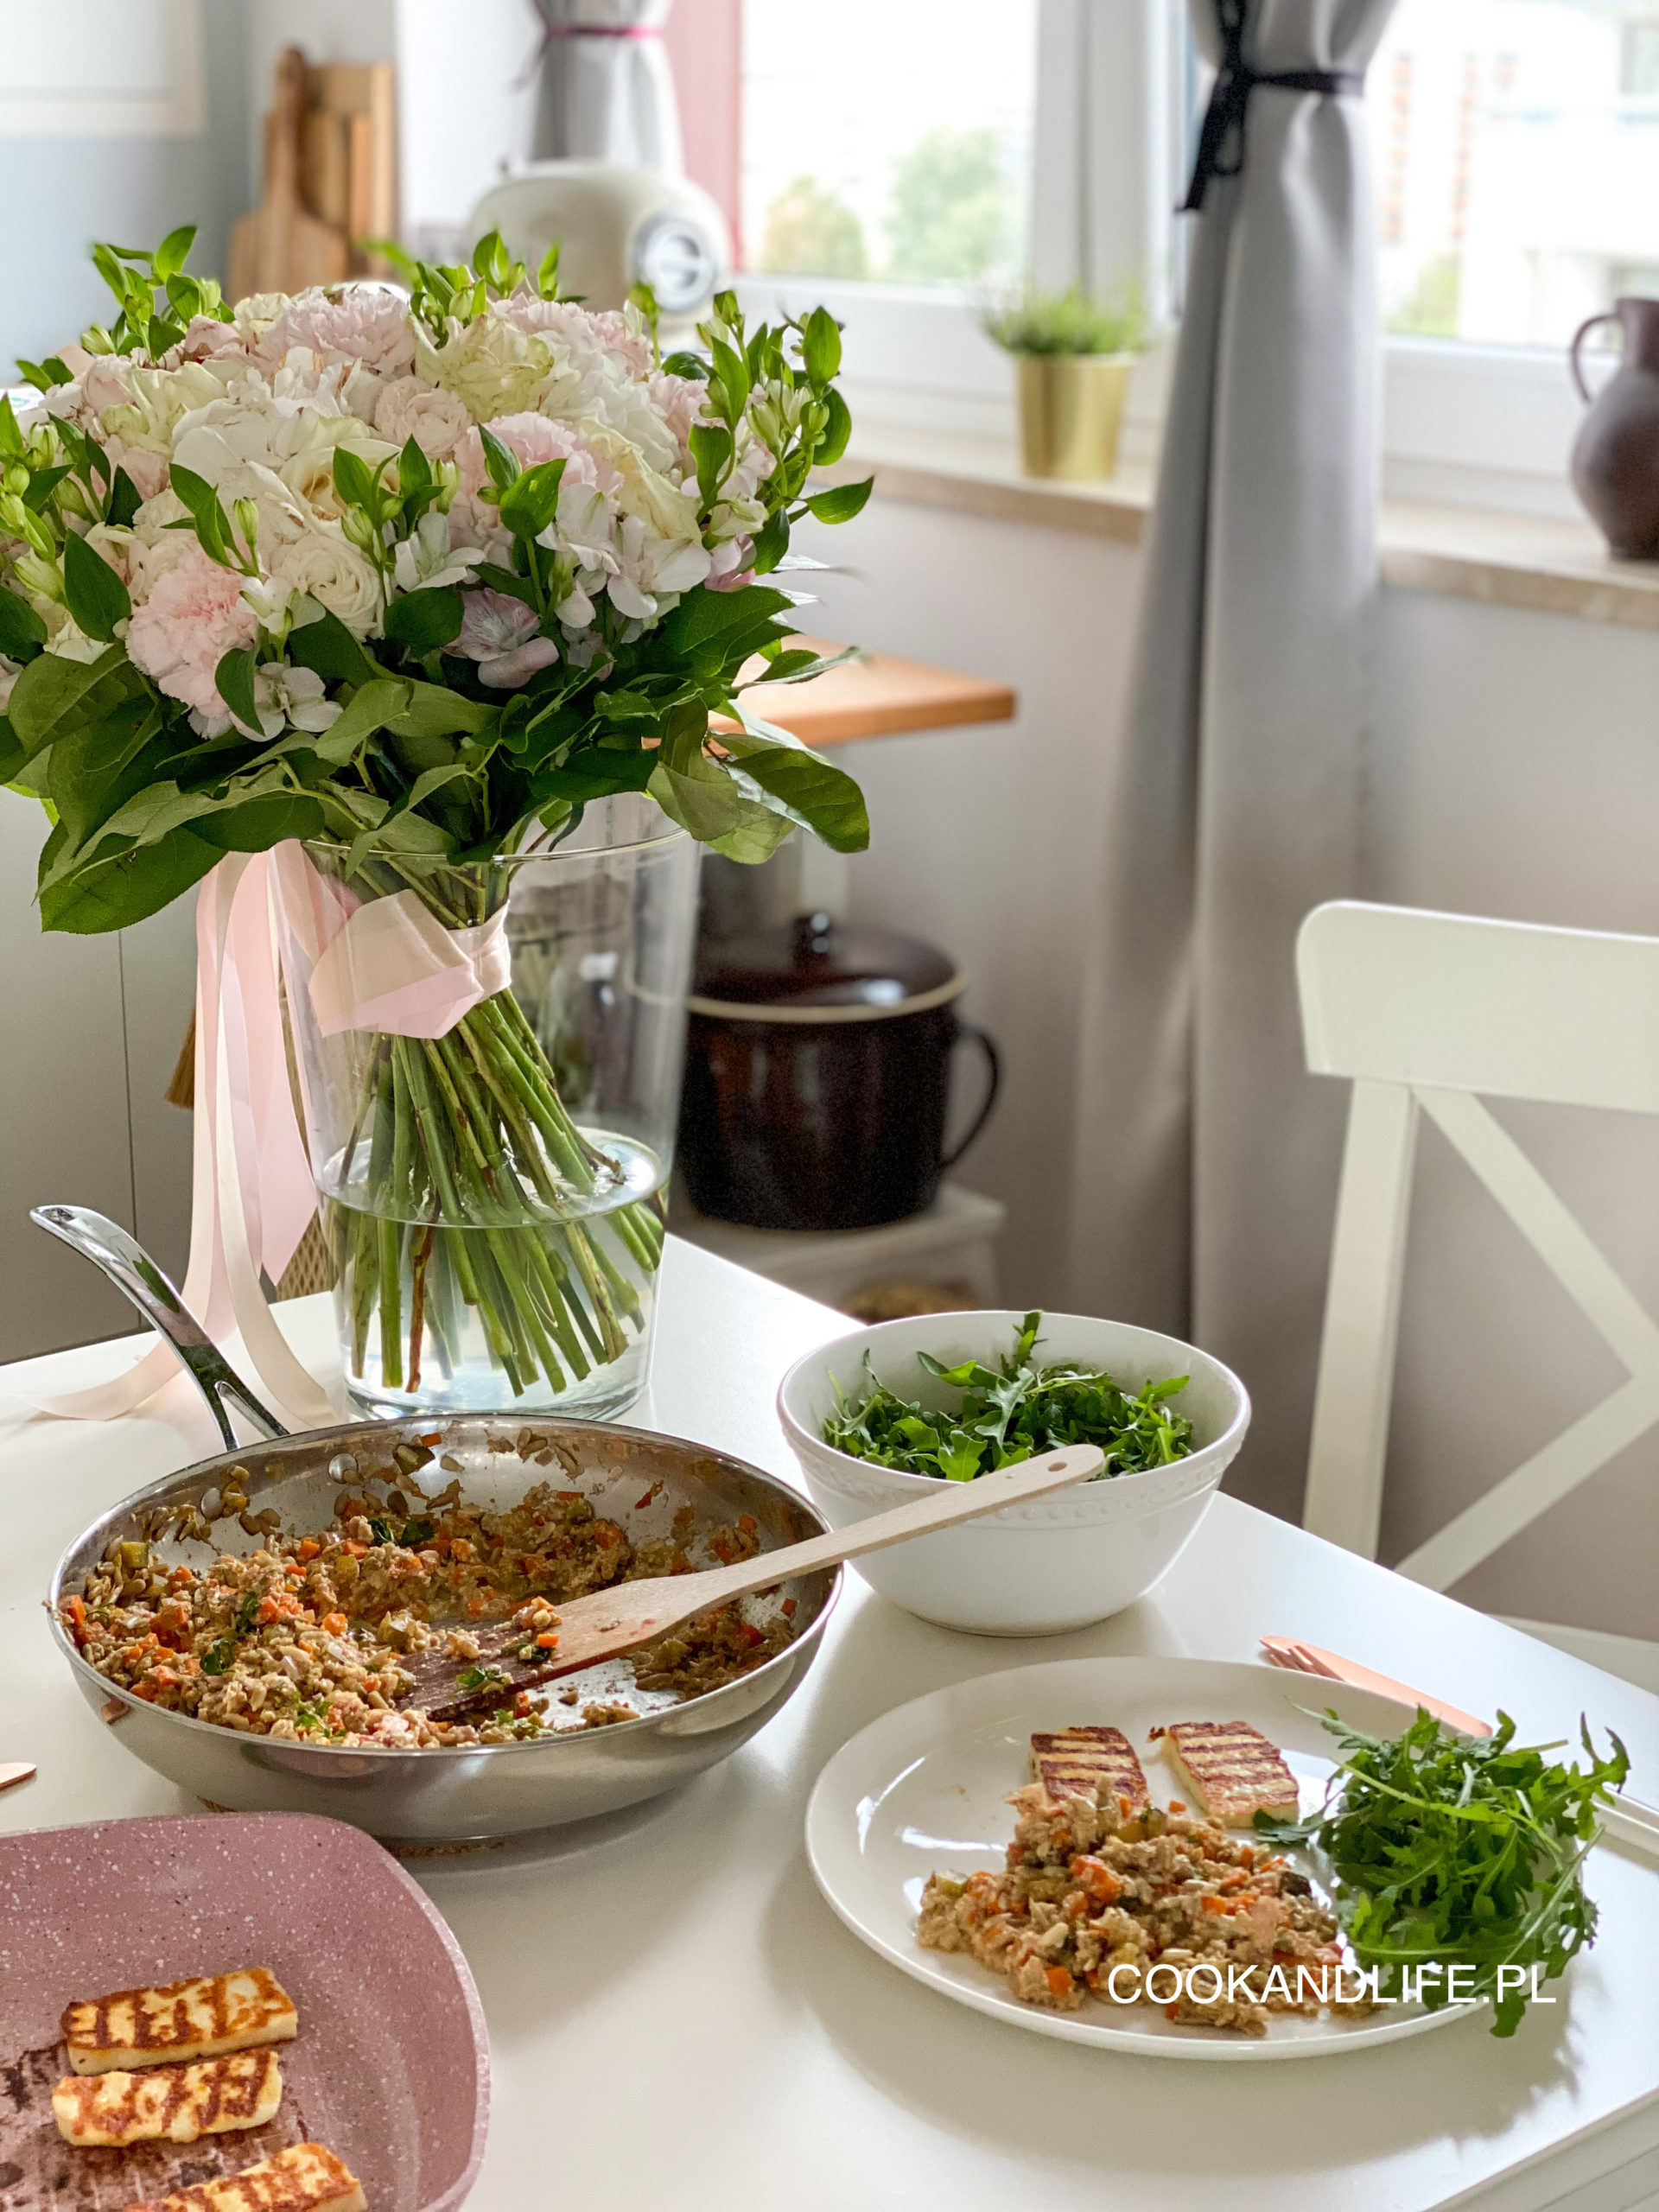 Słonecznikotto, czyli risotto ze słonecznika